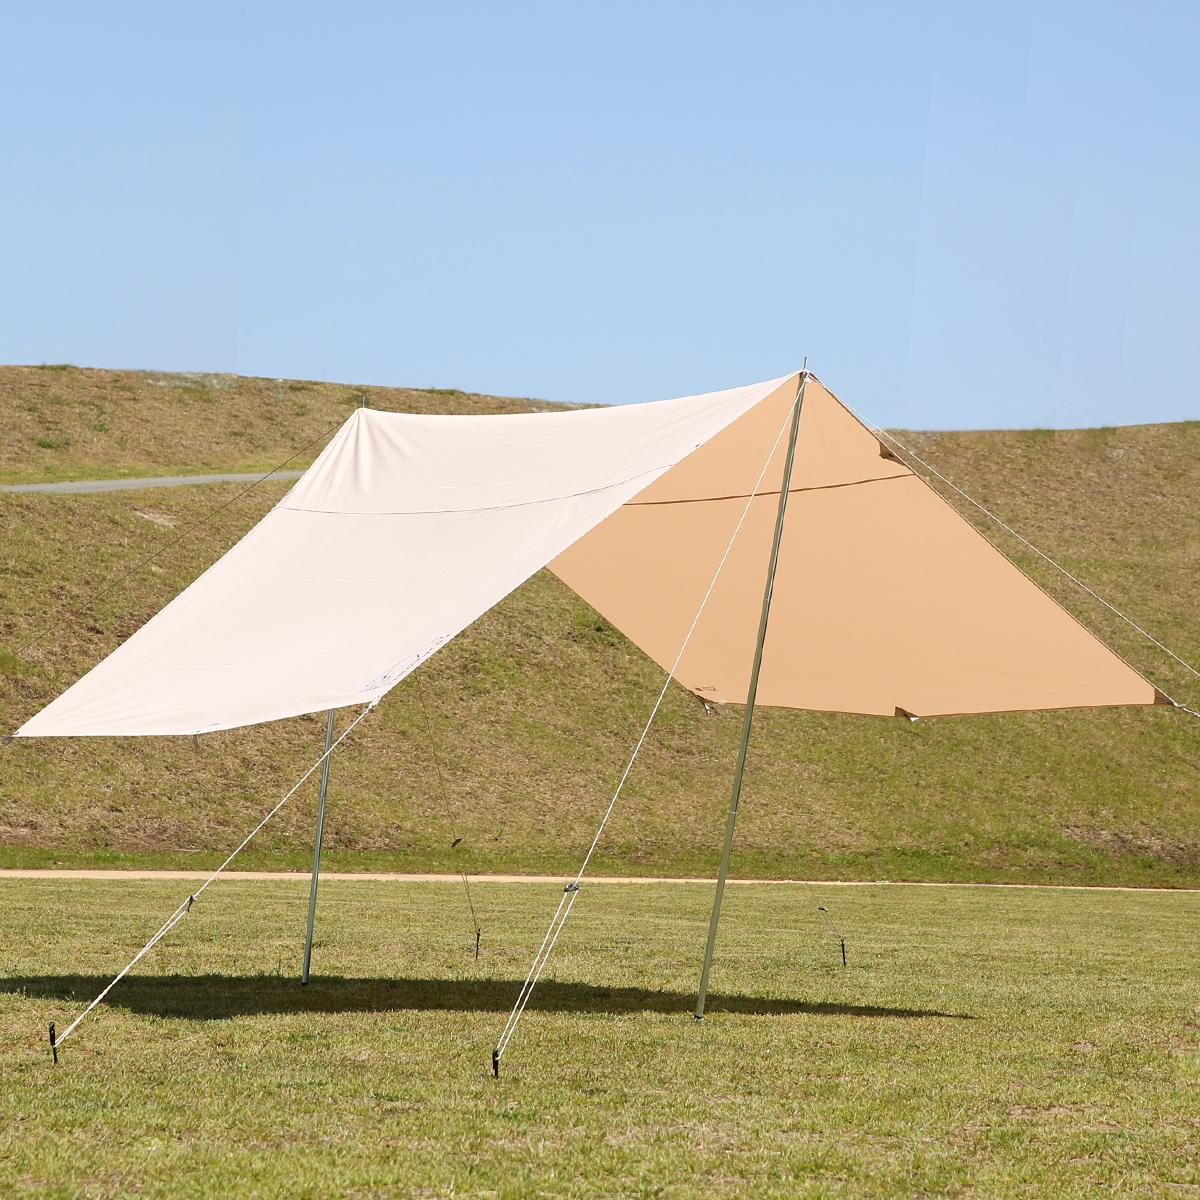 買い物 ノルディスク タープ キャンプやアウトドア 日常使いにも カーリ 12 Nordisk Kari カリ 秀逸 Poles Pegs Basic Incl. Guy 142017 Ropes Tarp Cotton